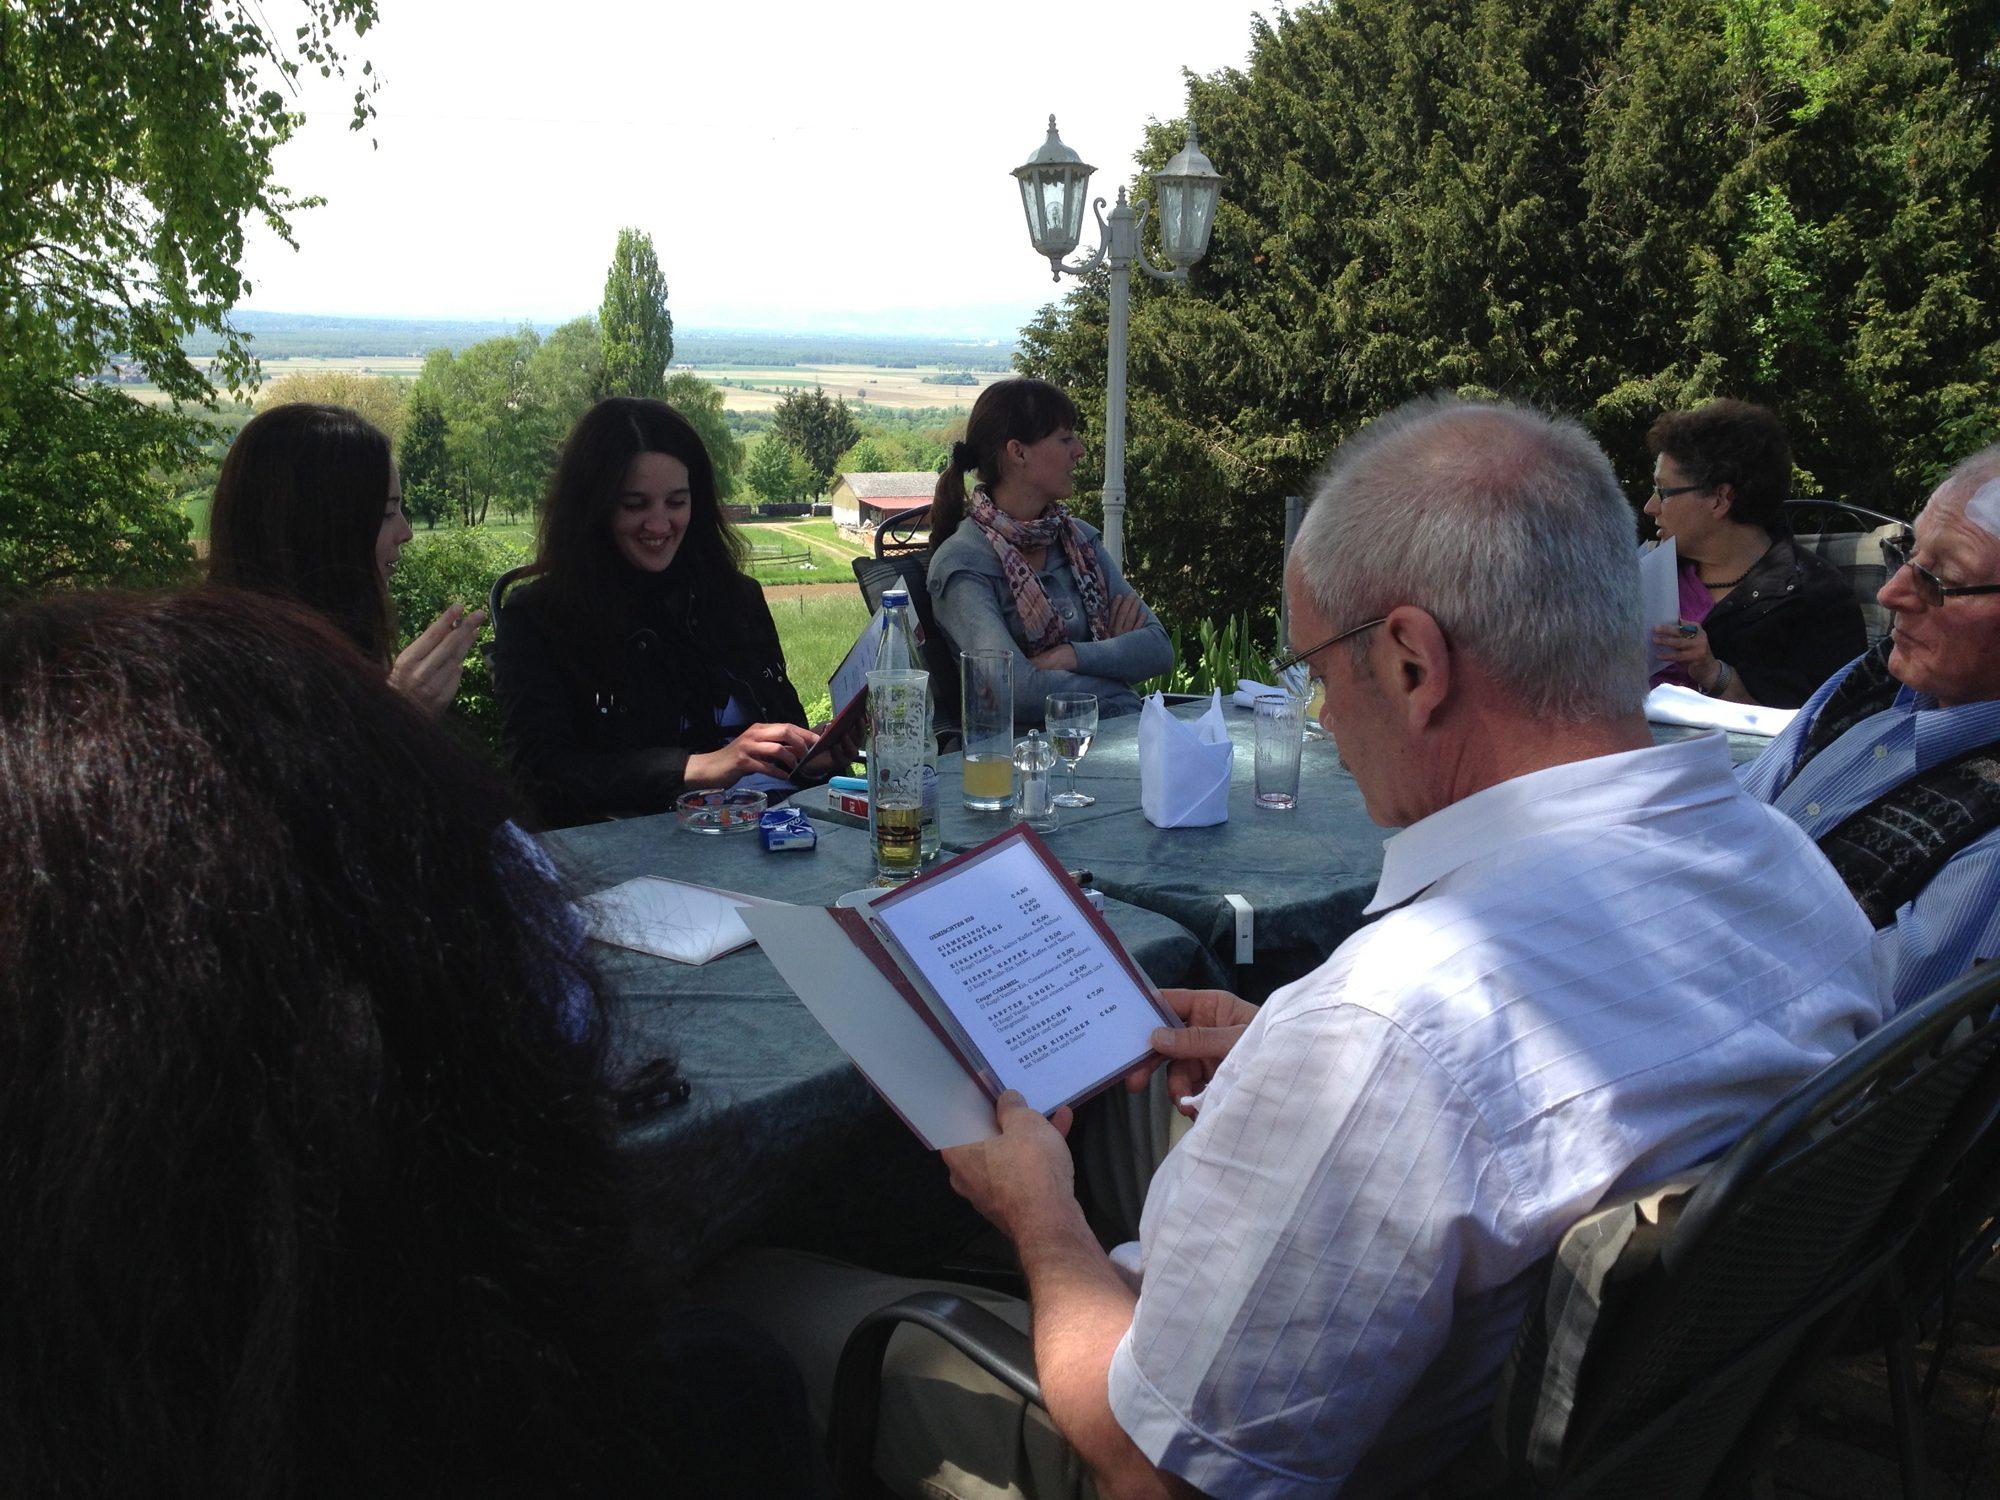 Patchwork Familientreffen in Bad Bellingen auf dem Berghofstüble.